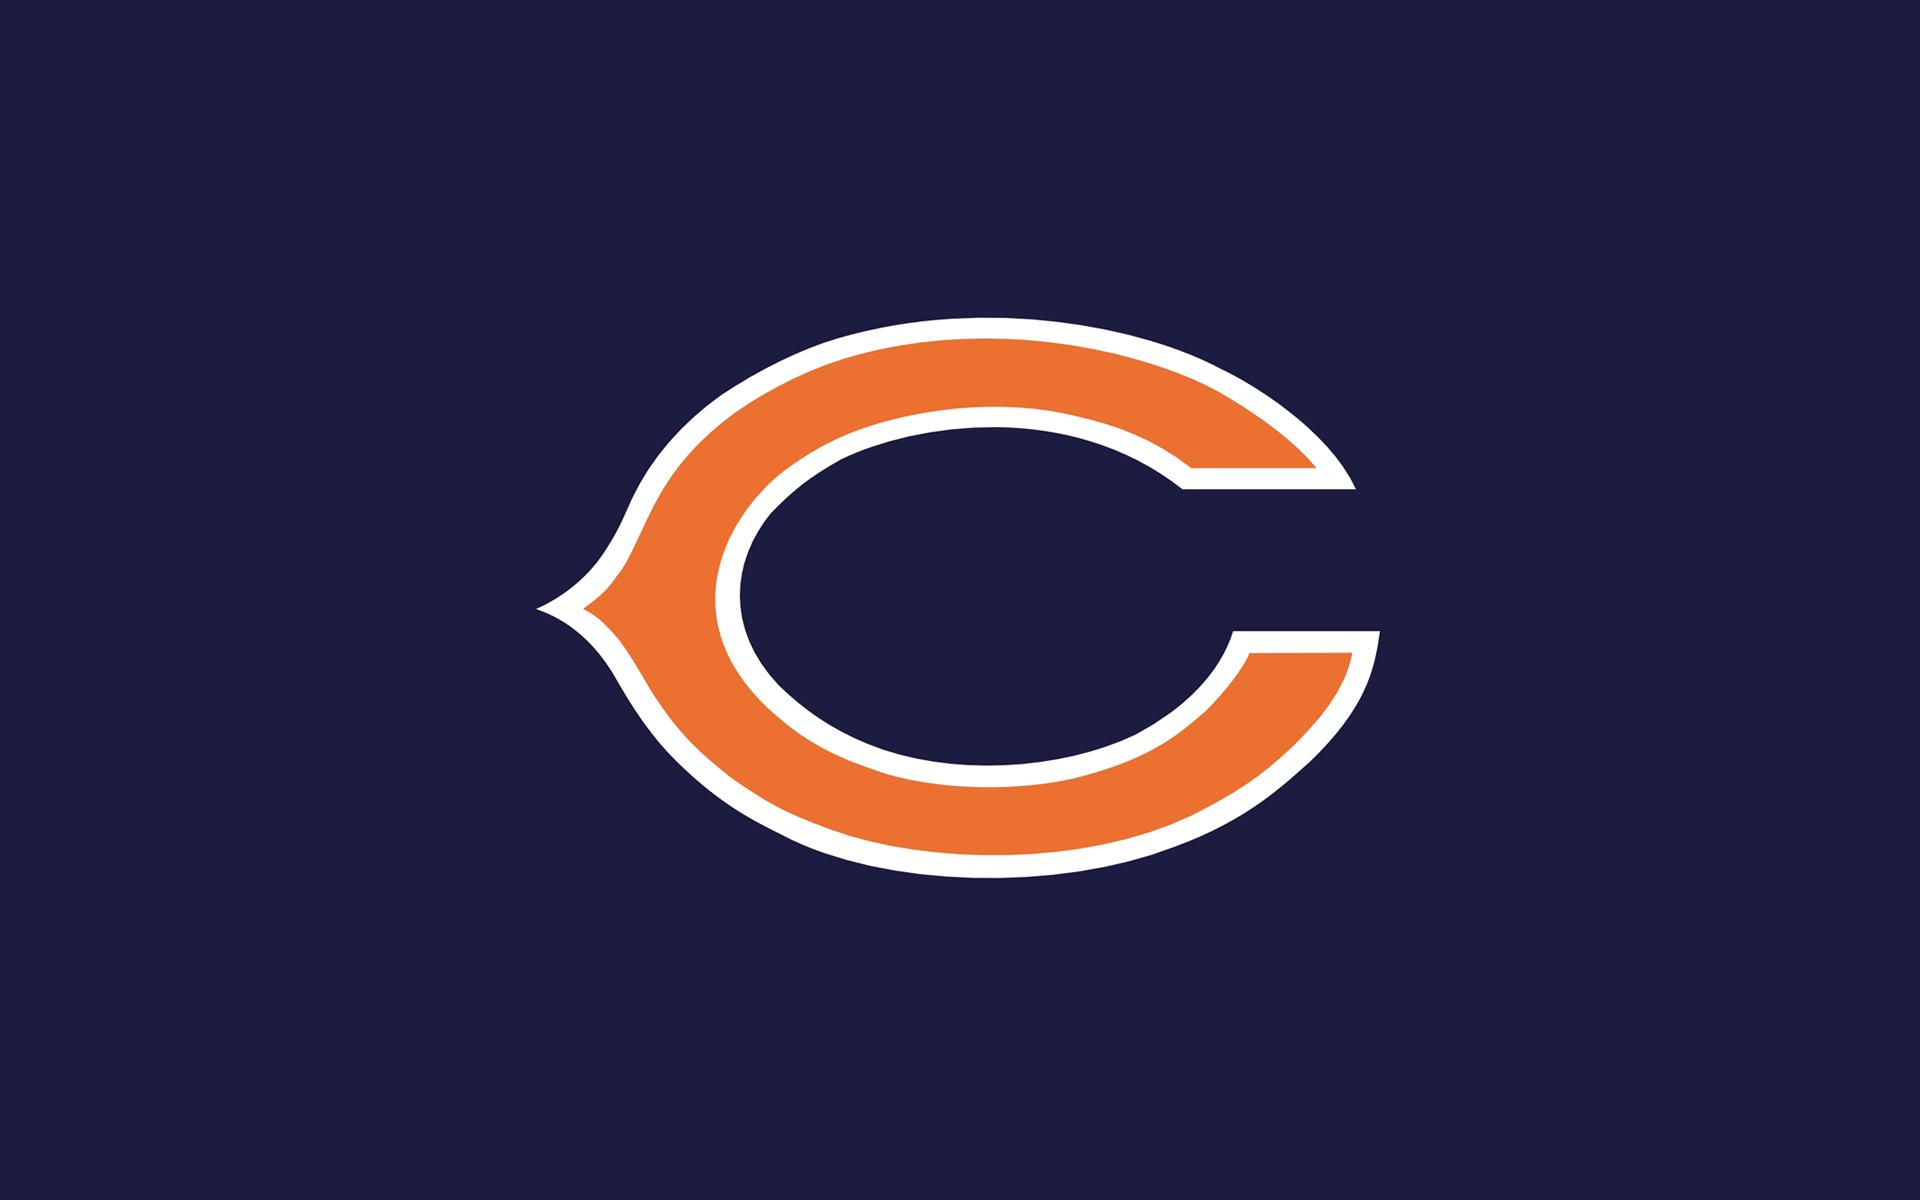 Chicago Bears Logo wallpaper 217980 1920x1200